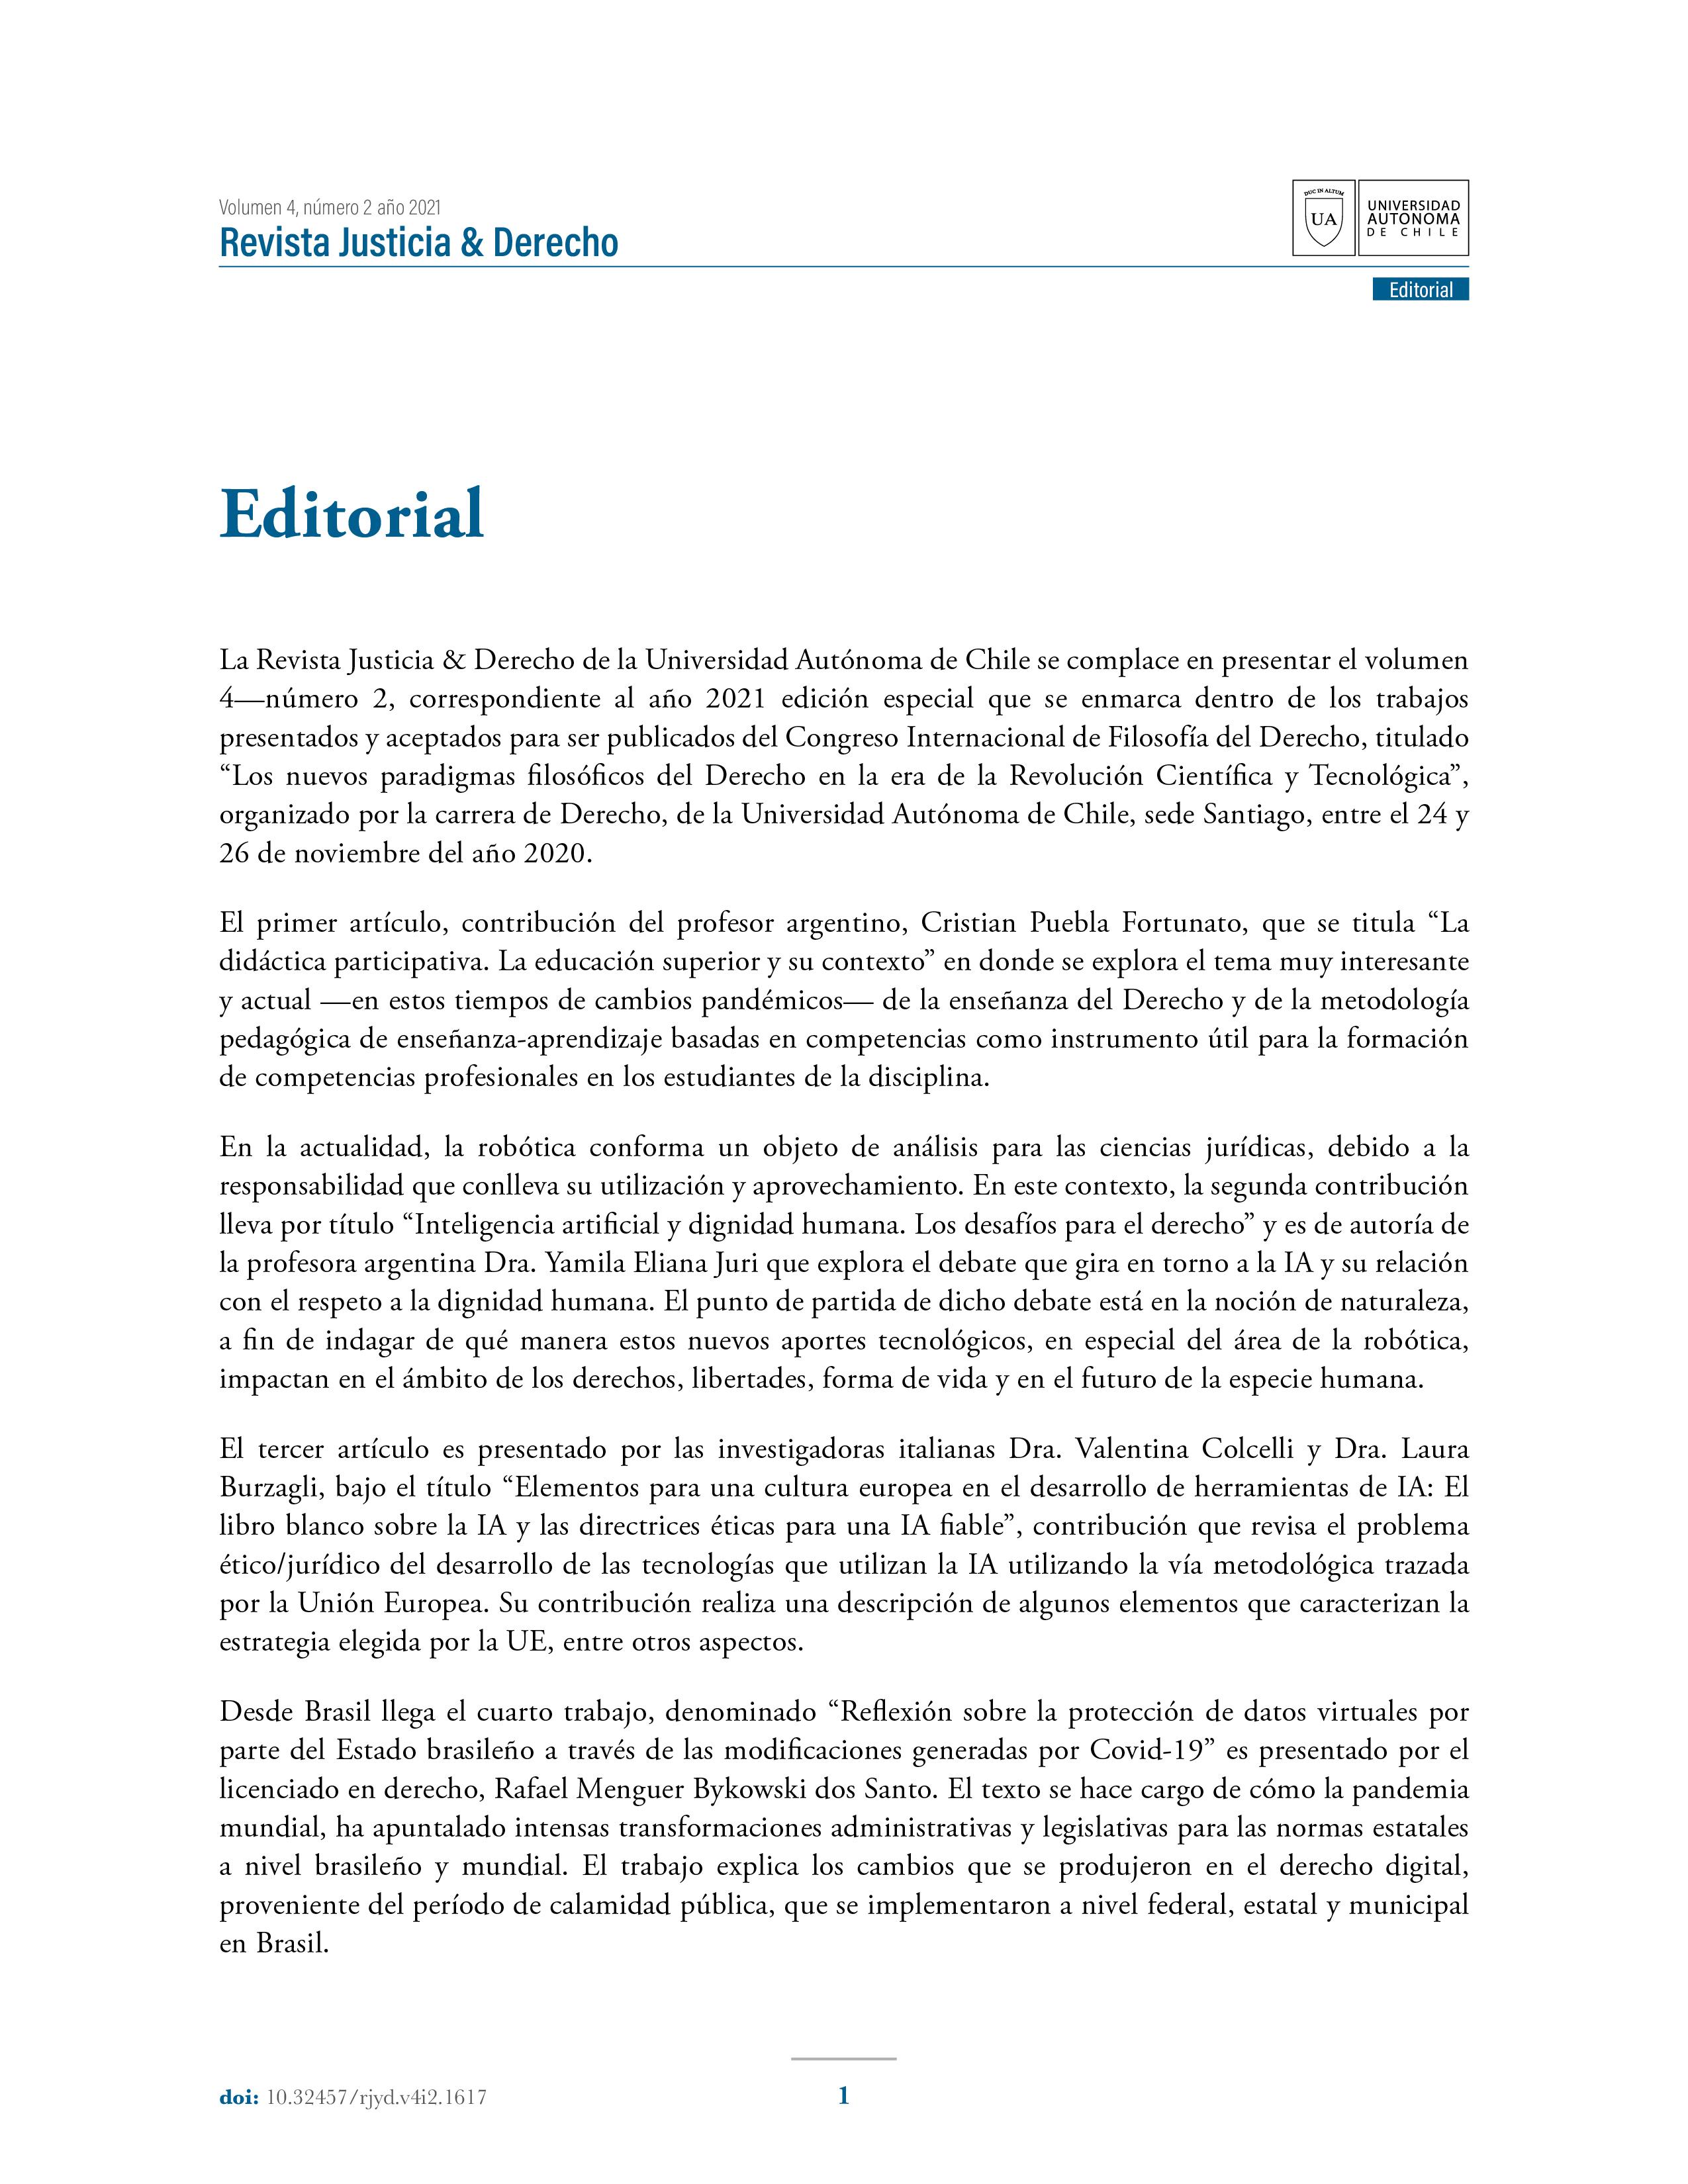 editorial de editor invitado